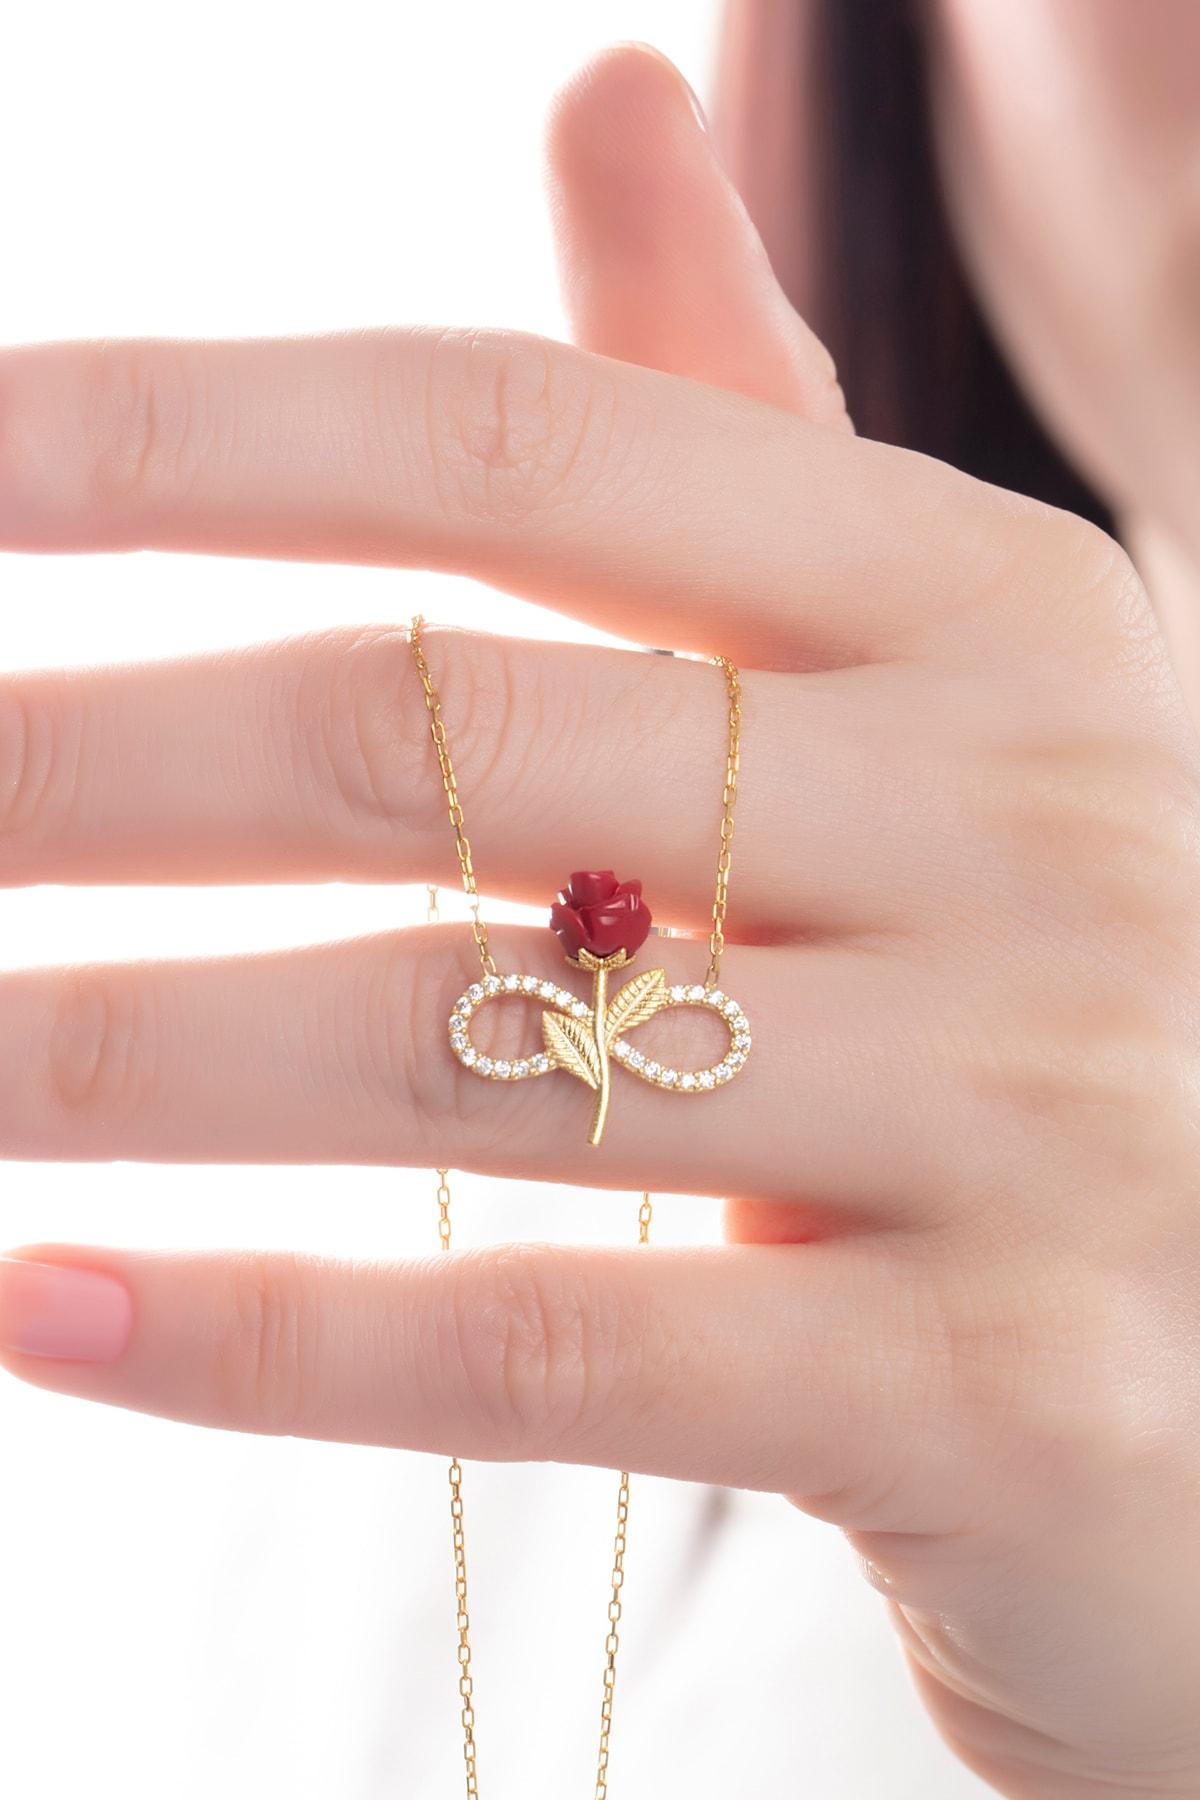 takı tak silver Kadın Tamamı Saf 925 Ayar Gümüş Altın Kaplama Zirkon Taşlı Sonsuzluk Kırmızı Gül Model Kolye 1